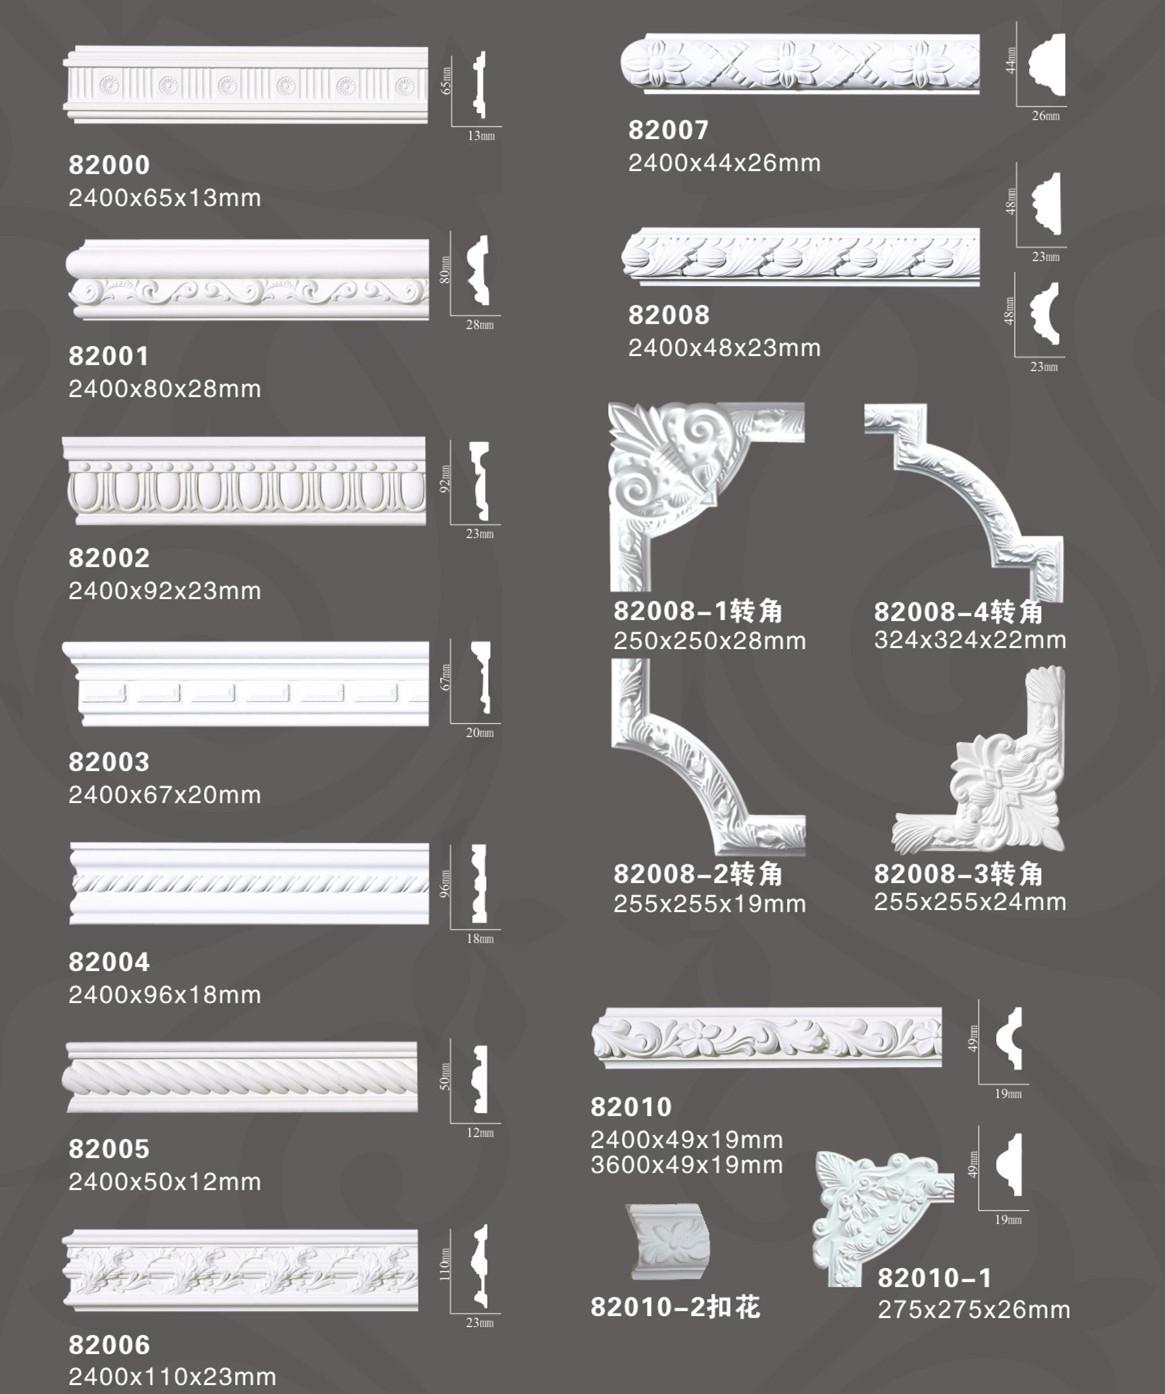 विंडोज के लिए अच्छी गुणवत्ता नई न्यूयॉर्क कंगनी शैलियों कंगनी सामग्री पॉप छत कंगनी डिजाइन